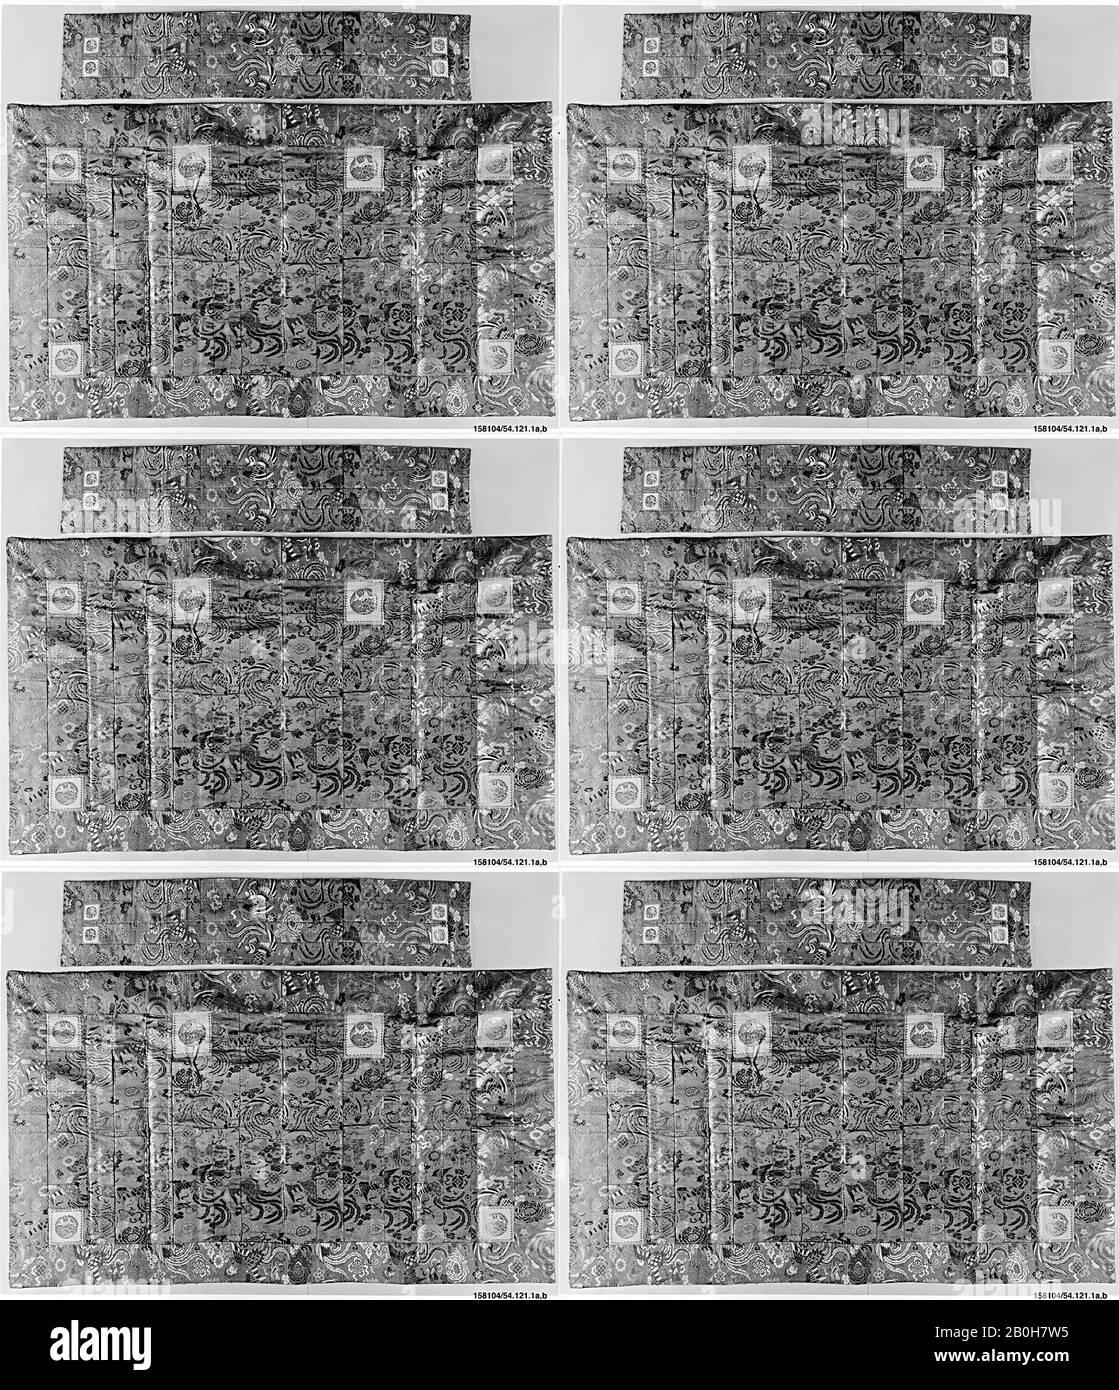 Robe et Stole du prêtre, Japon, XIXe siècle, Japon, soie, fil métallique, Total (A): 44 3/4 x 79 1/2 in. (113,7 x 201,9 cm), Hors Tout (b) : 58 1/2 x 12 1/4 po. (148,6 x 31,1 cm), textiles-costumes Banque D'Images